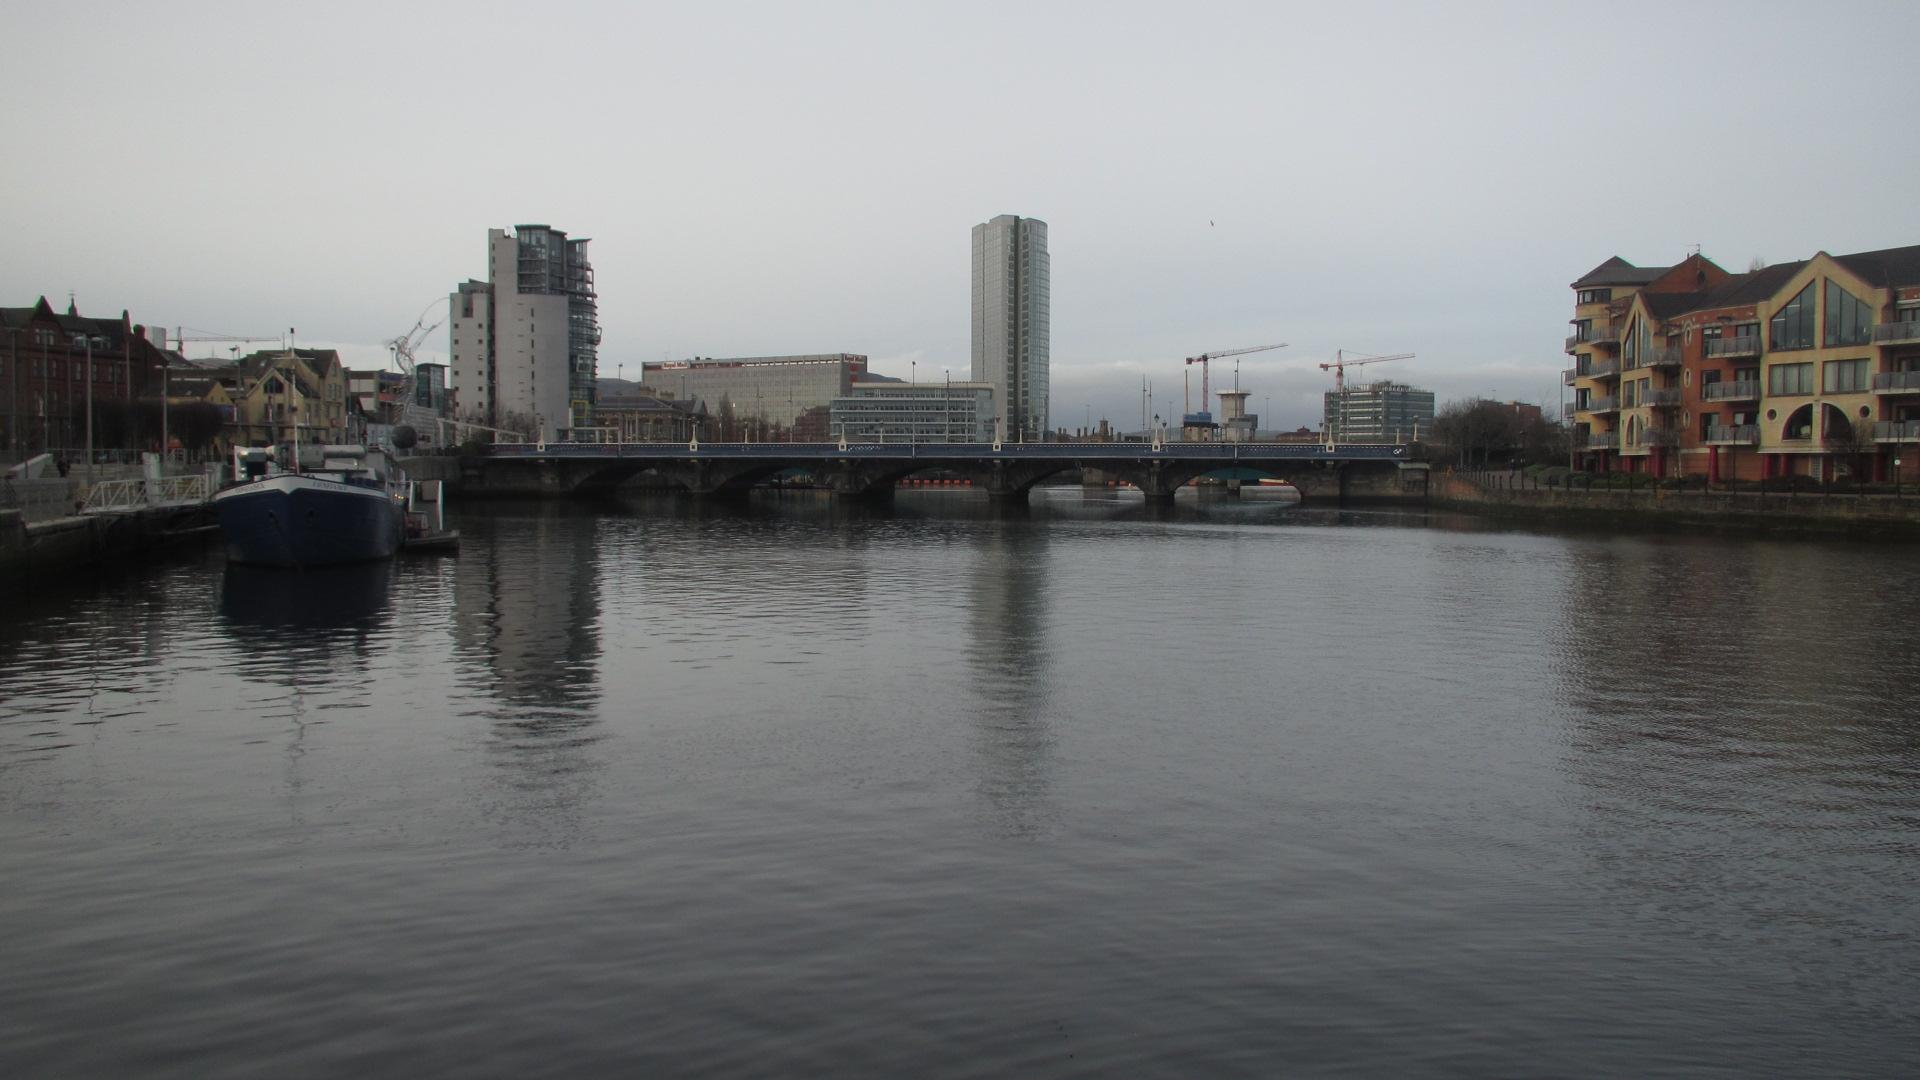 agenzie di incontri Belfast dovrei iniziare incontri quiz